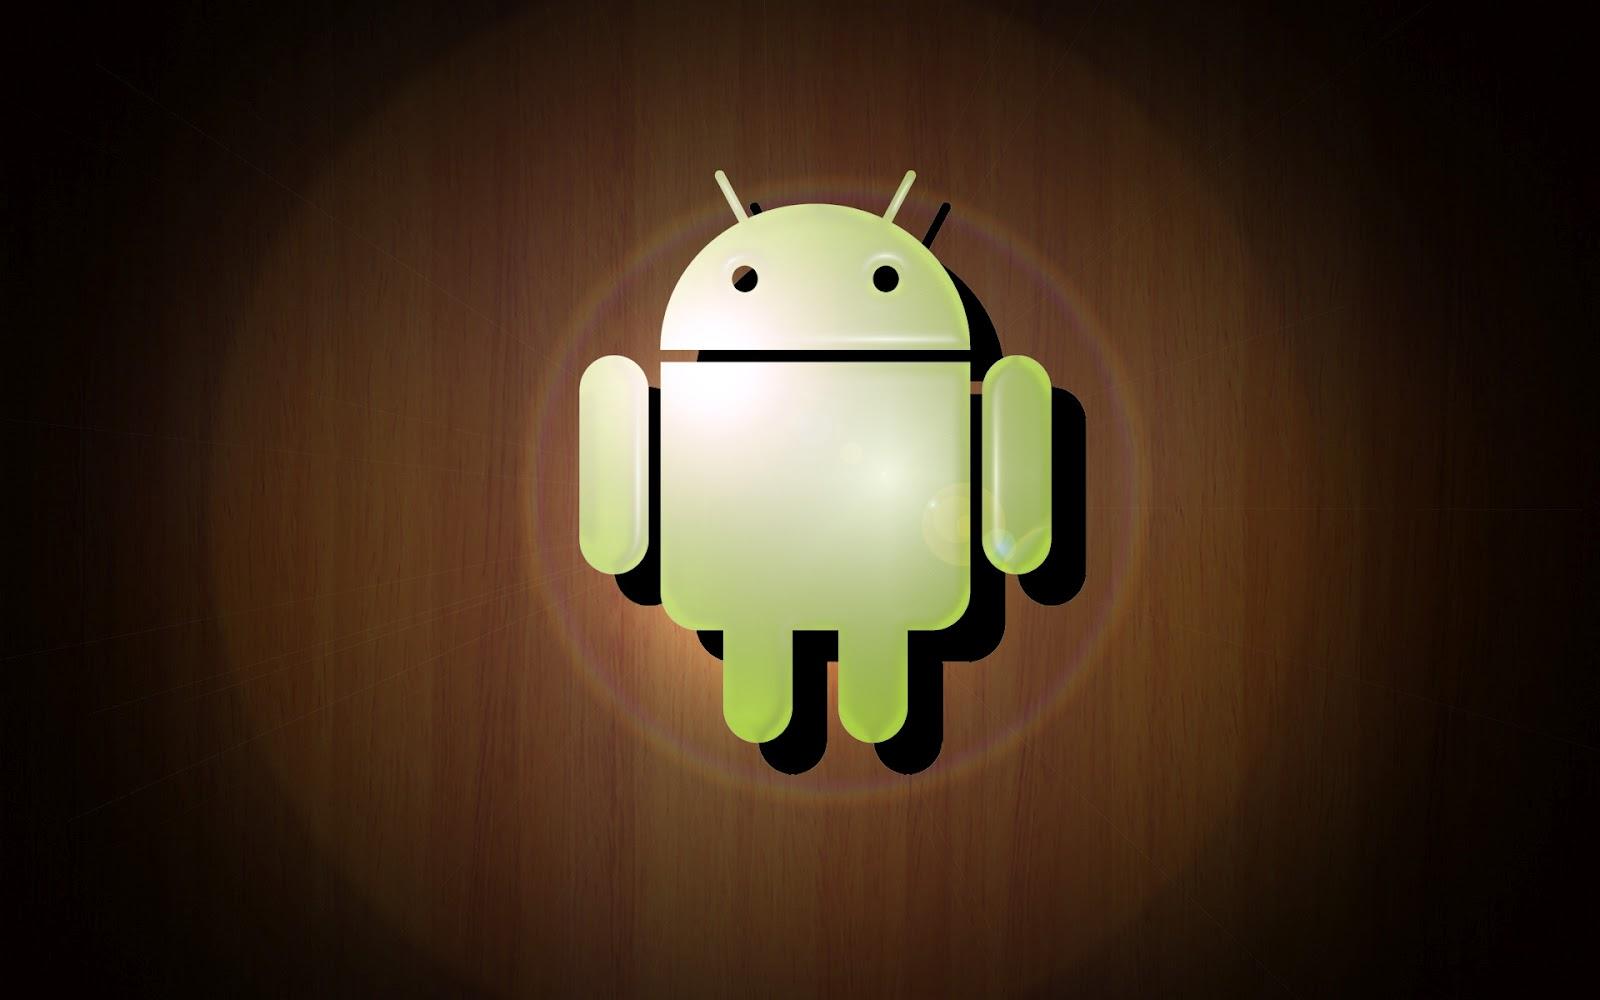 Celulares e Smartphones LG Android Compare no Zoom - imagens de celulares lg com android